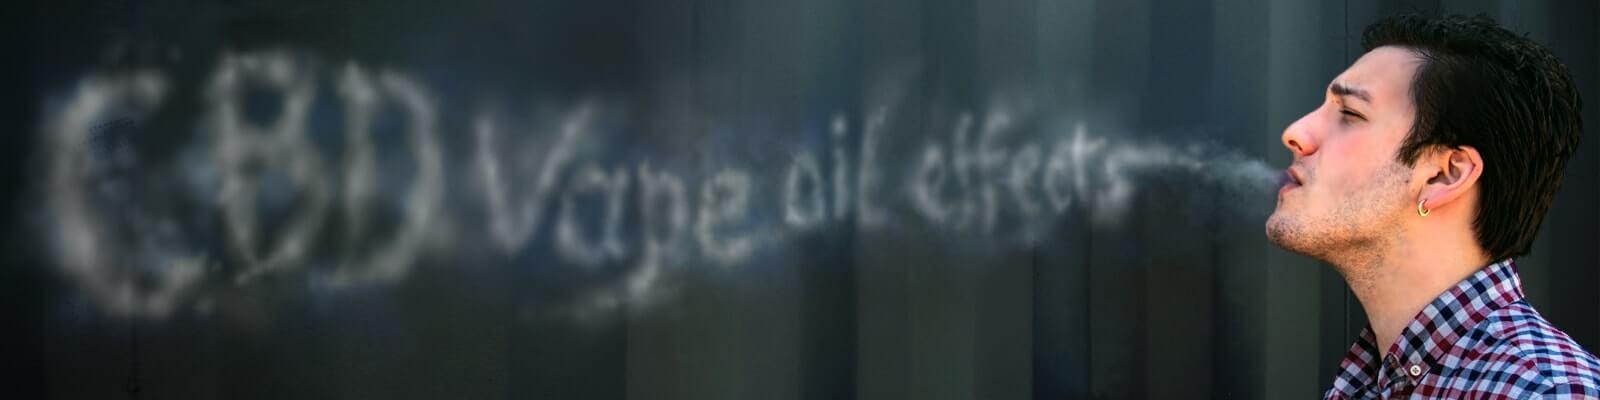 cbd vape oil effects banner